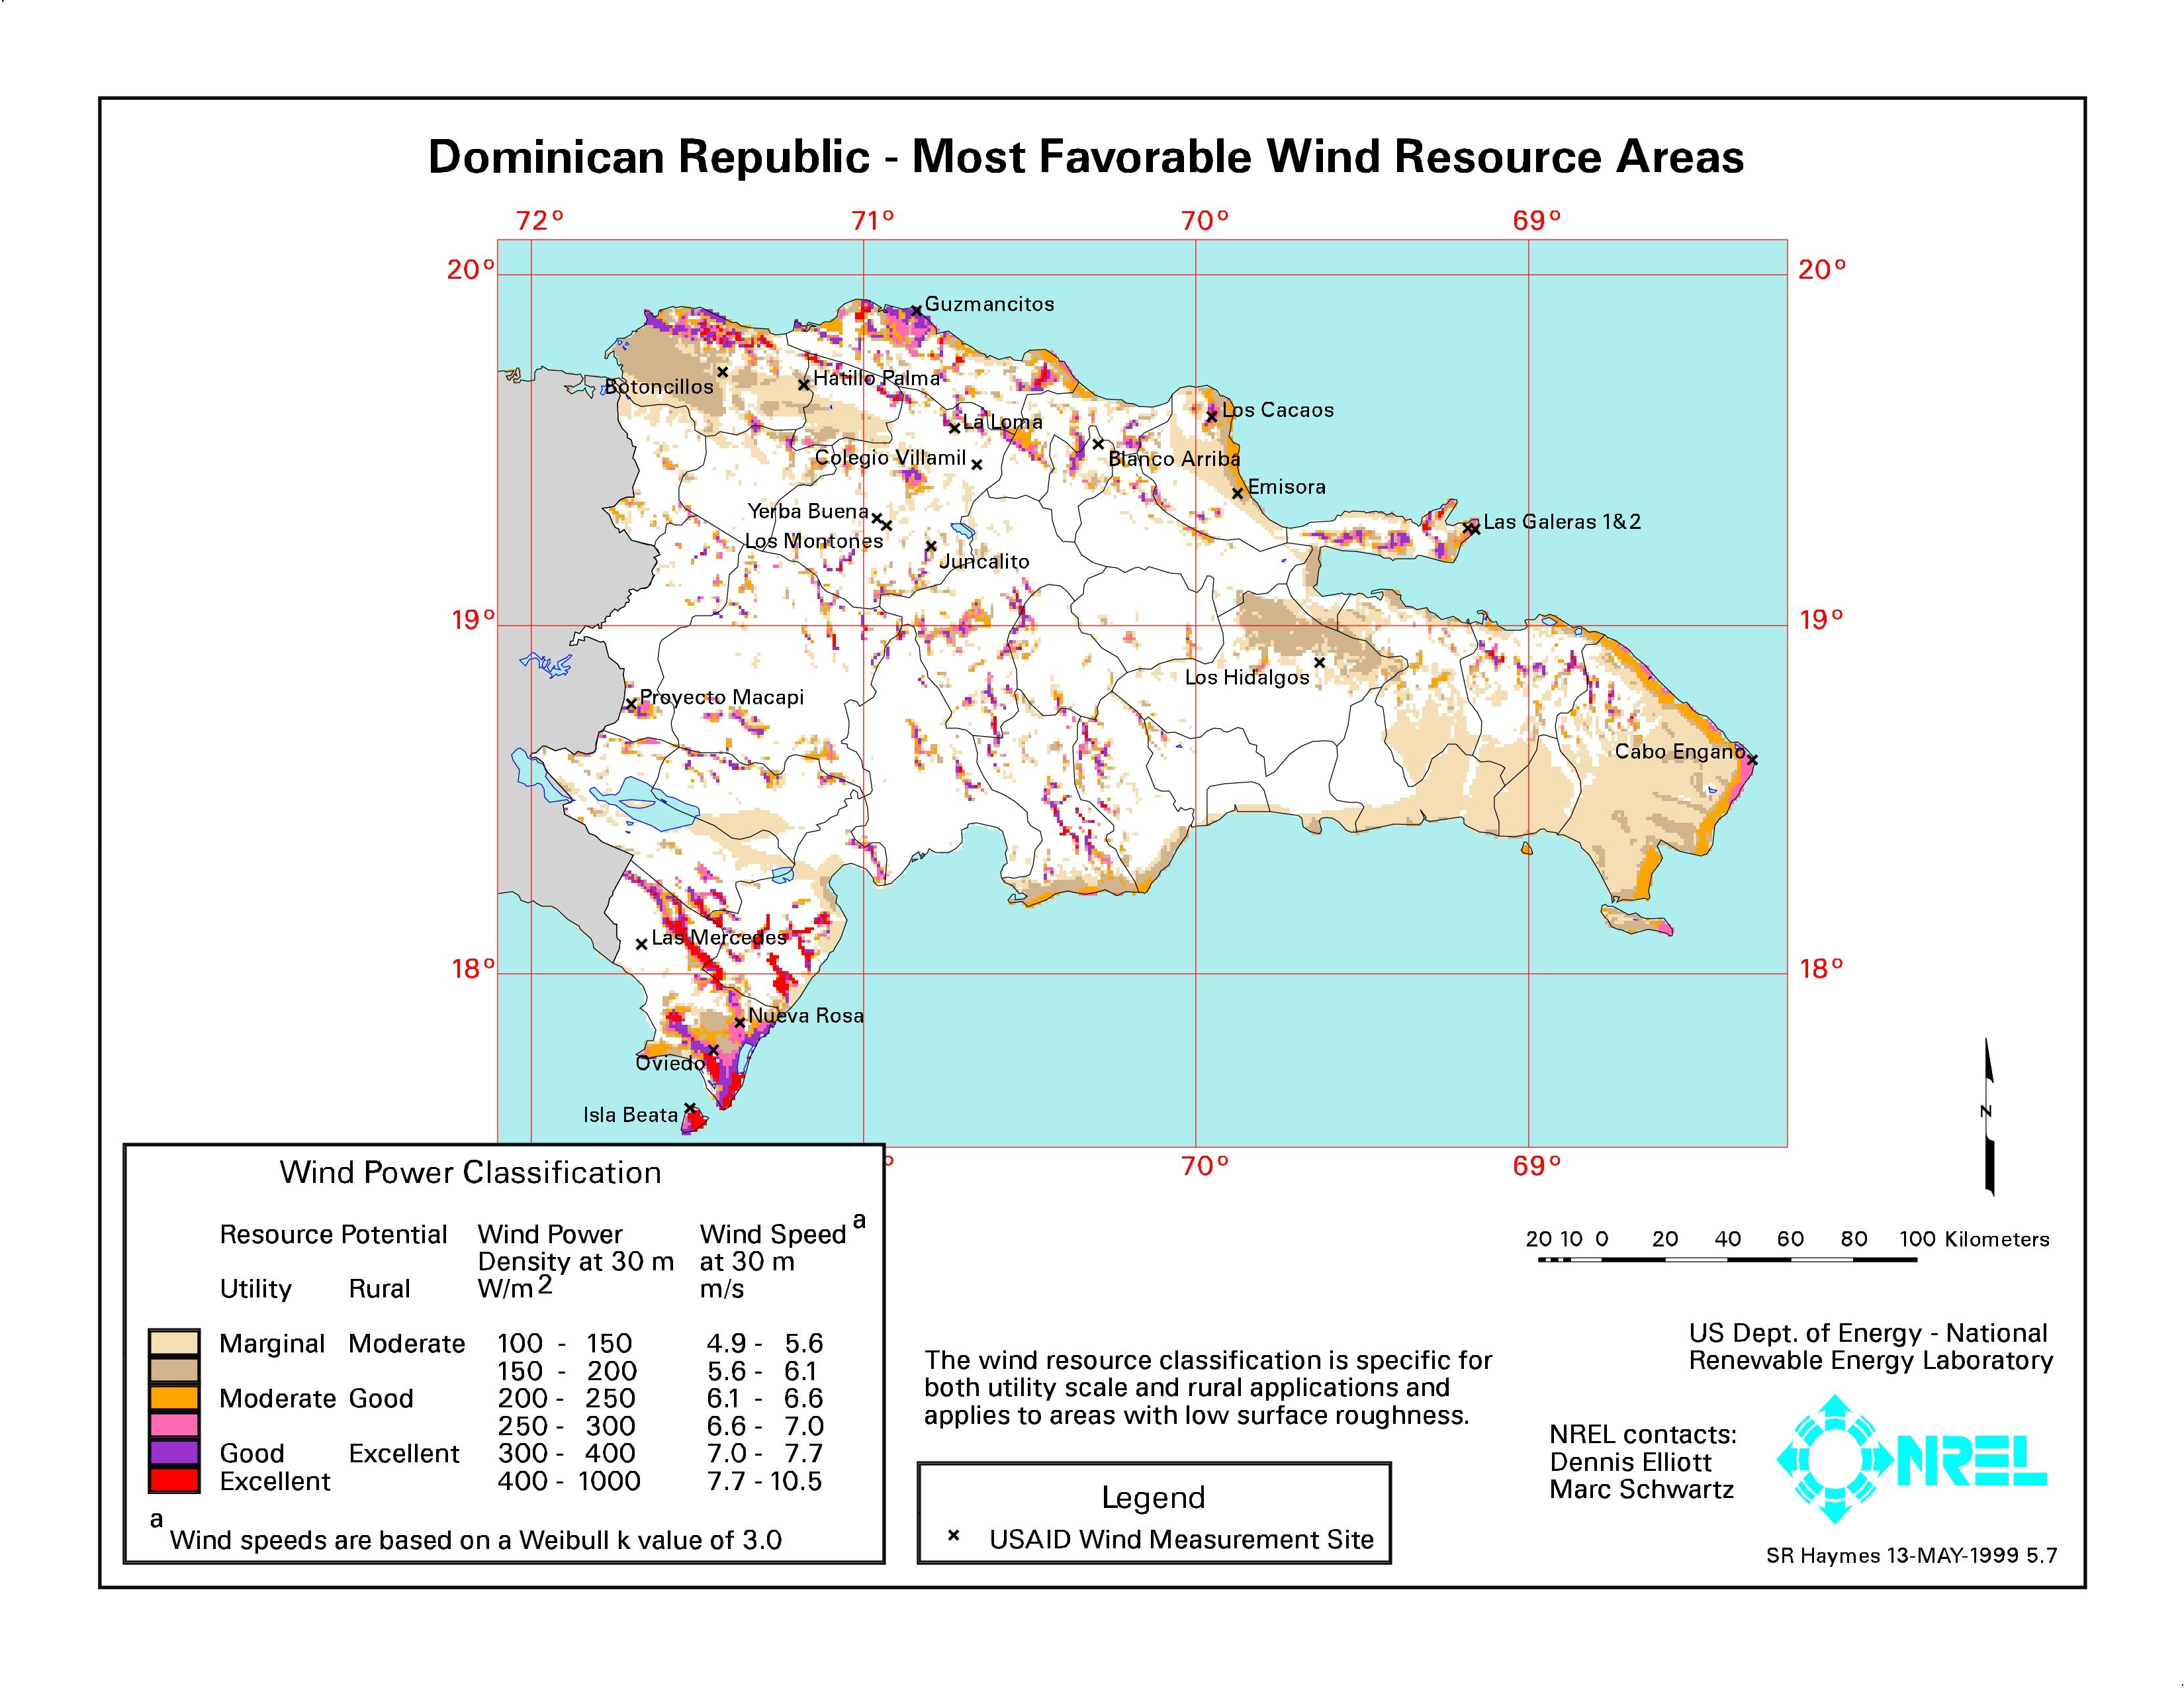 El 85% energía en República Dominicana puede ser obtenida de energías renovables